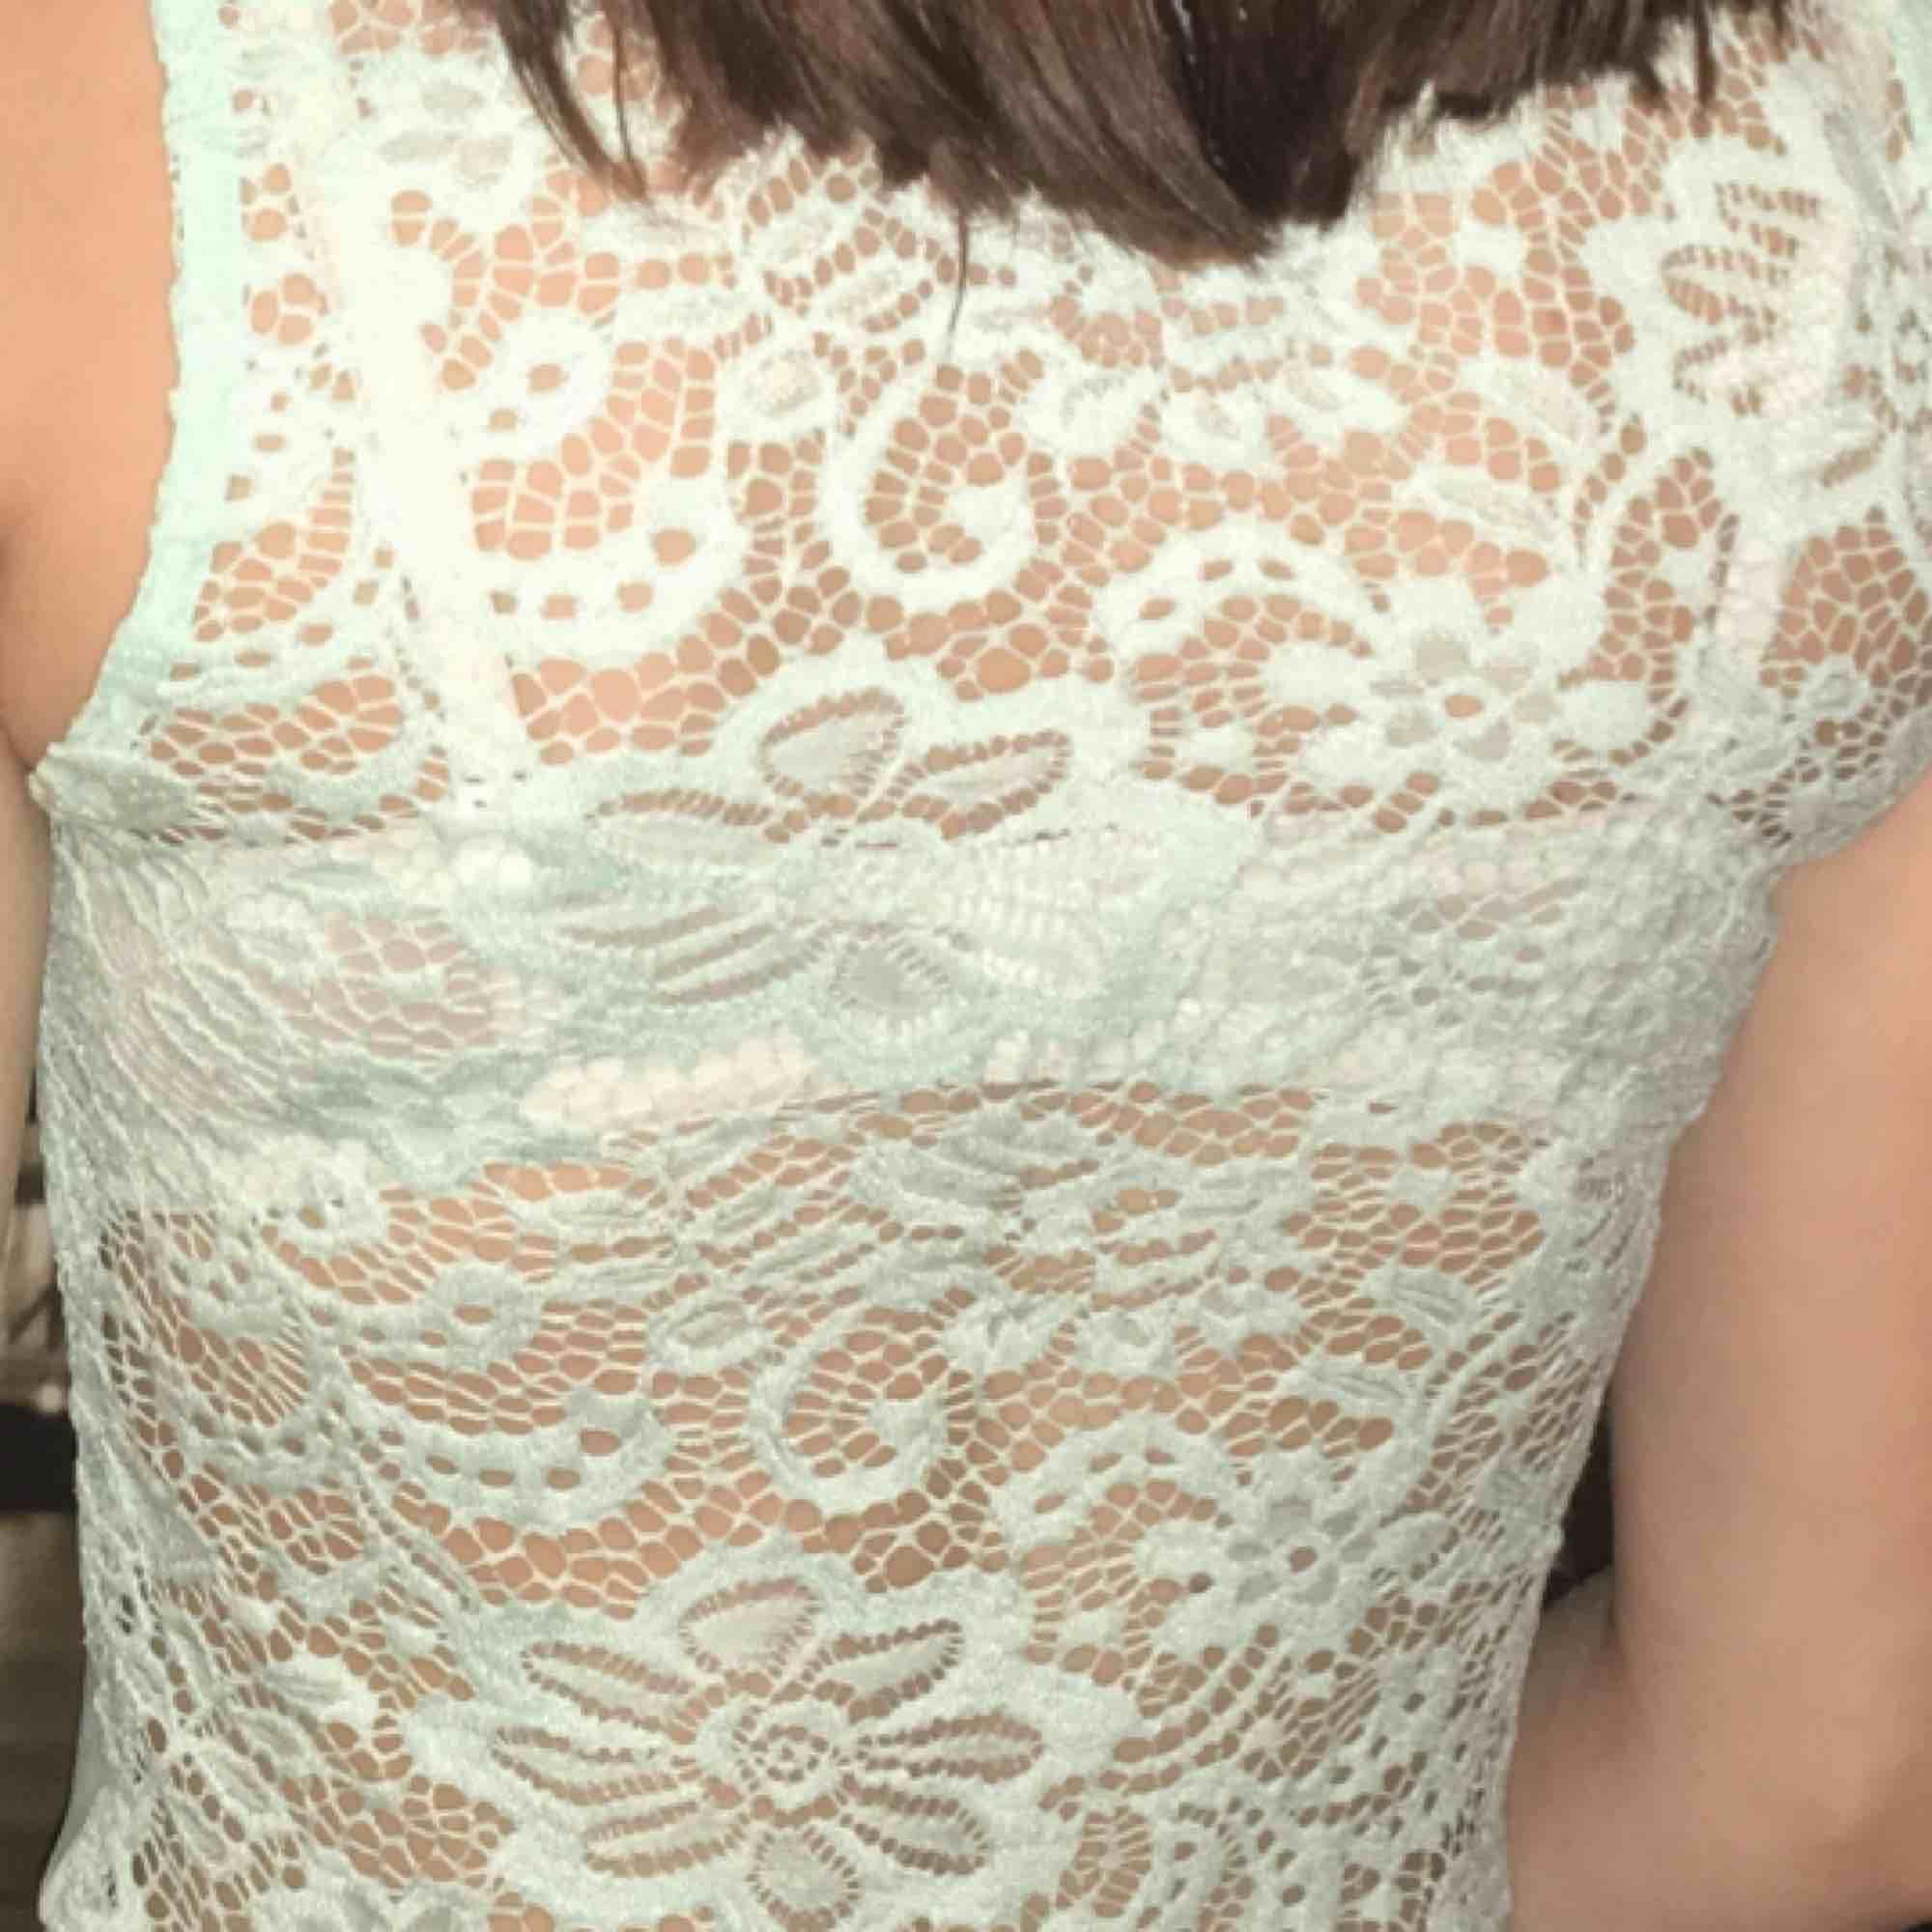 En riktigt gullig tröja. Säljer pågrund av att det inte är min stil längre. Den är väldigt fin på ryggen:). Övrigt.